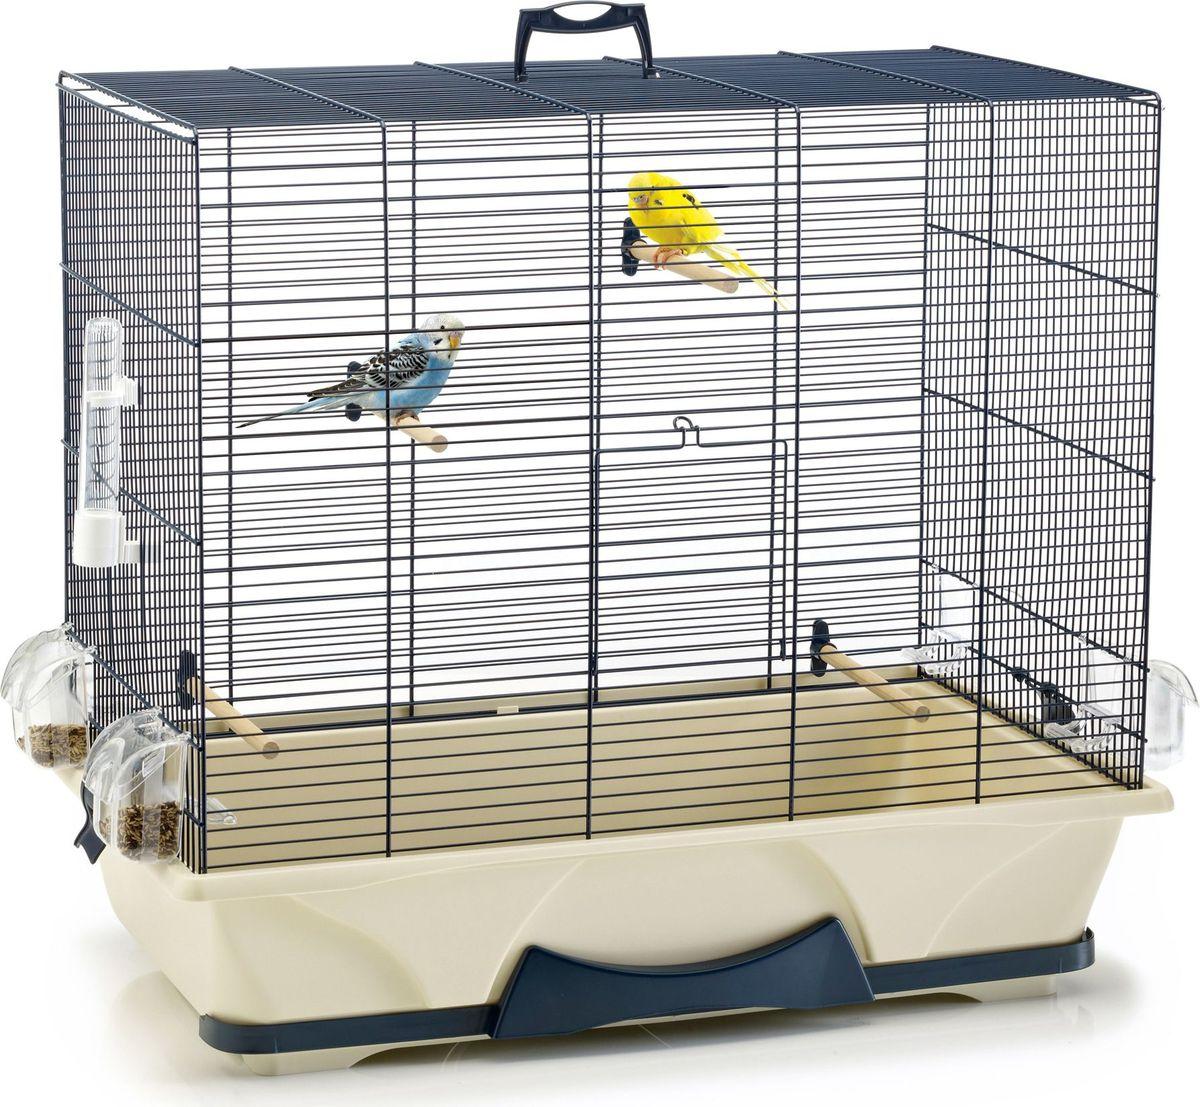 Клетка для птиц Savic Primo, цвет: синий, бежевый, 65 х 38 х 56,5 см кормушка для птиц savic weekend feeder 5905 0000